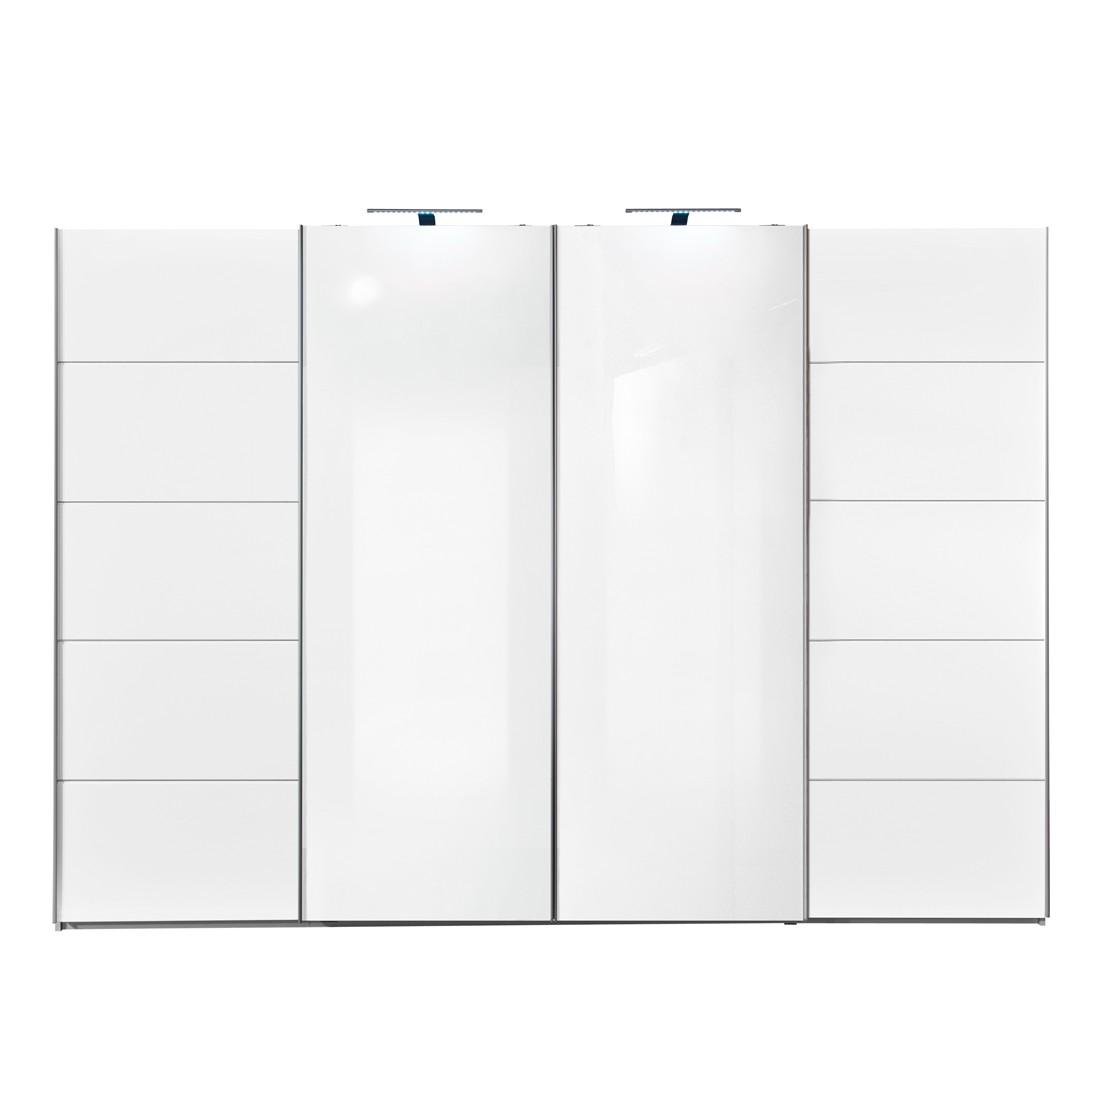 Schwebetürenschrank Synkro - Weiß/Glas ReinWeiß - Schrankbreite: 252 cm, Arte M